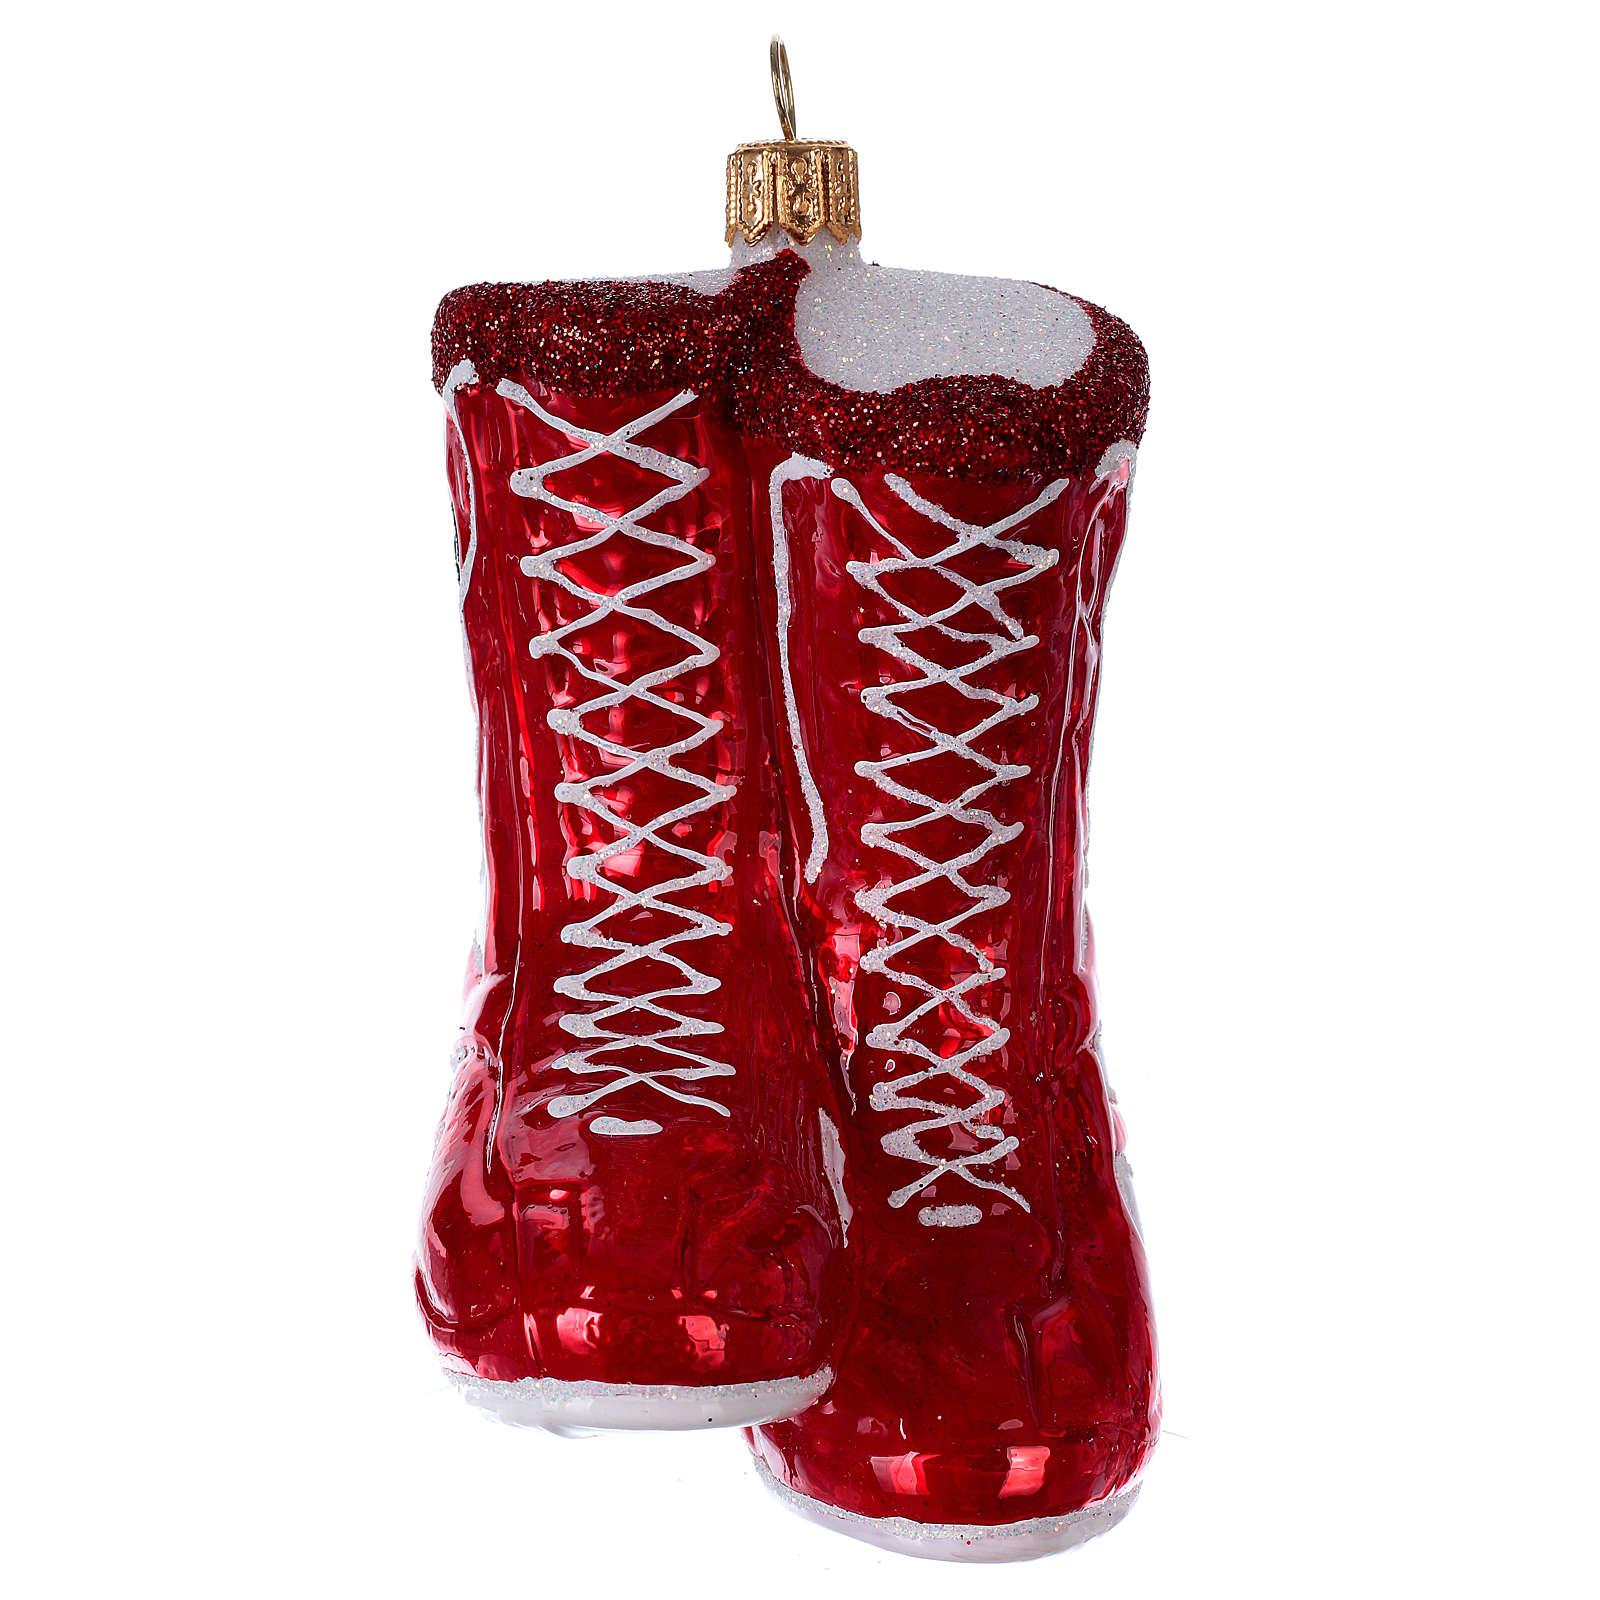 Chaussures de boxe décoration en verre soufflé sapin de Noël 4